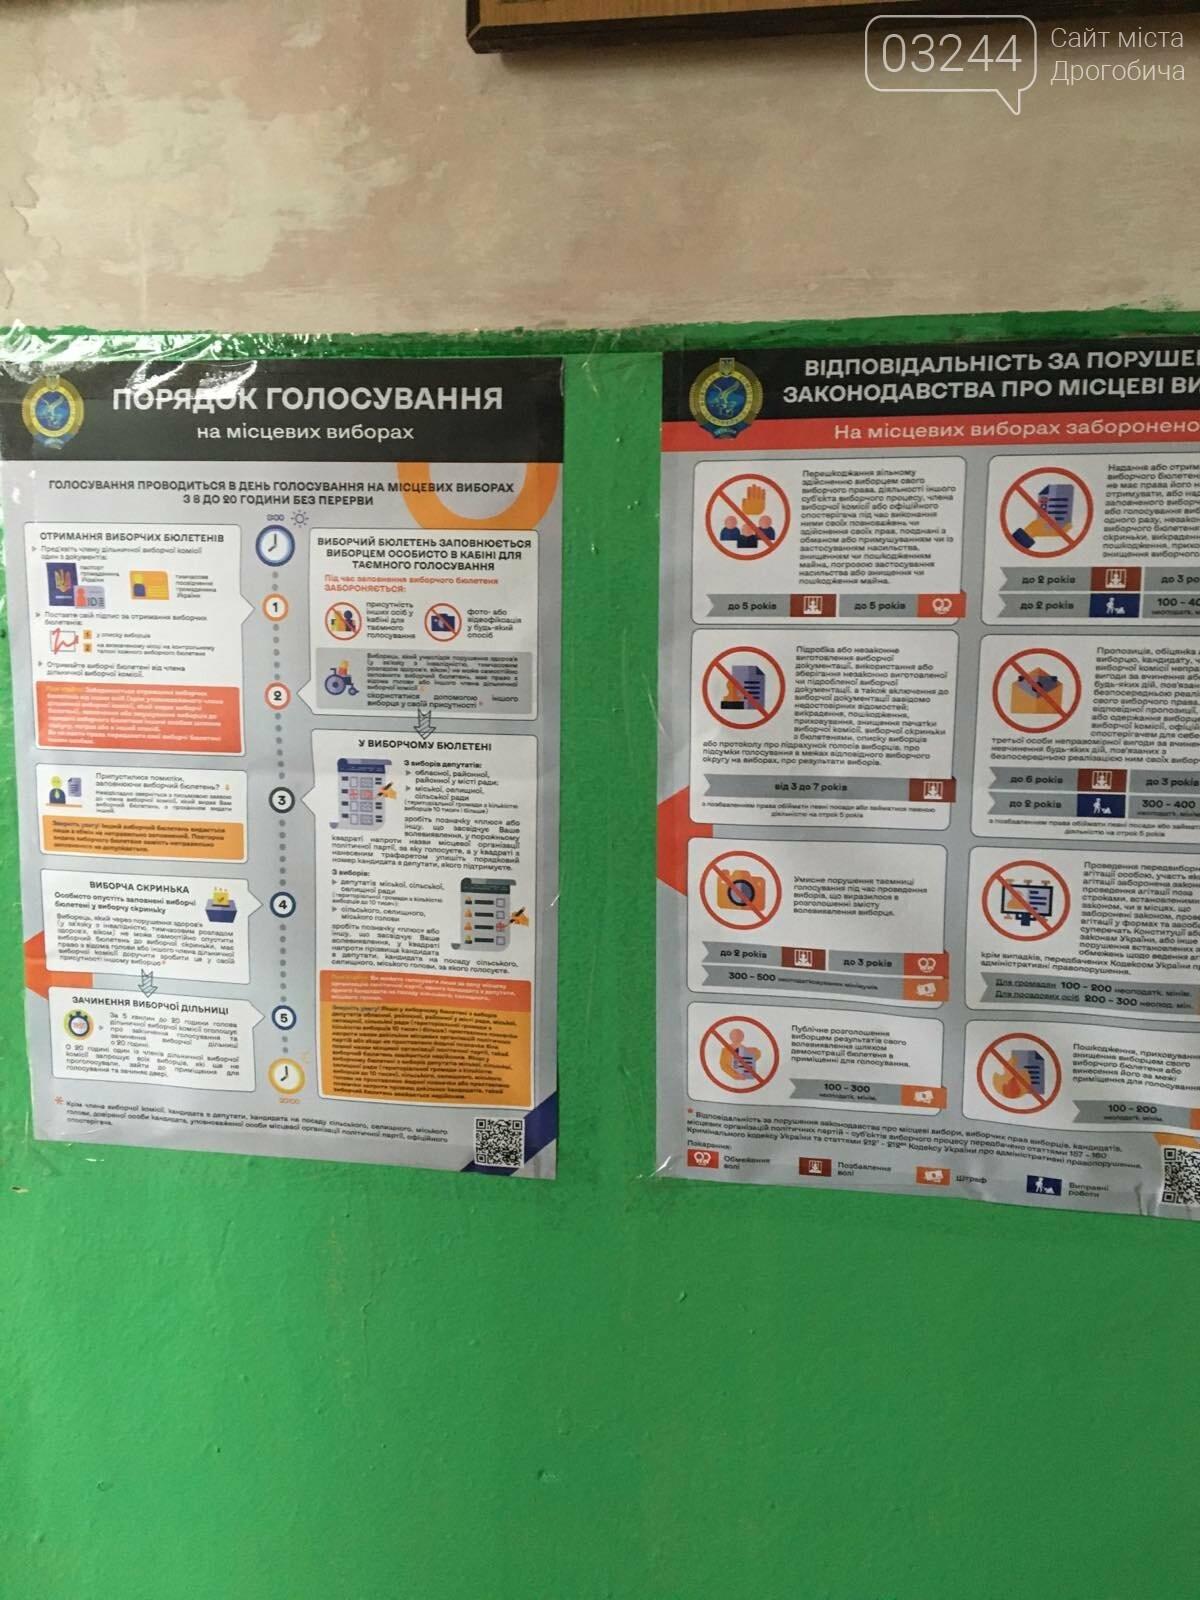 До виборів готові: на дільницях Дрогобича встановили кабінки та урни і завезли бюлетені, - ВІДЕО, ФОТО, фото-1